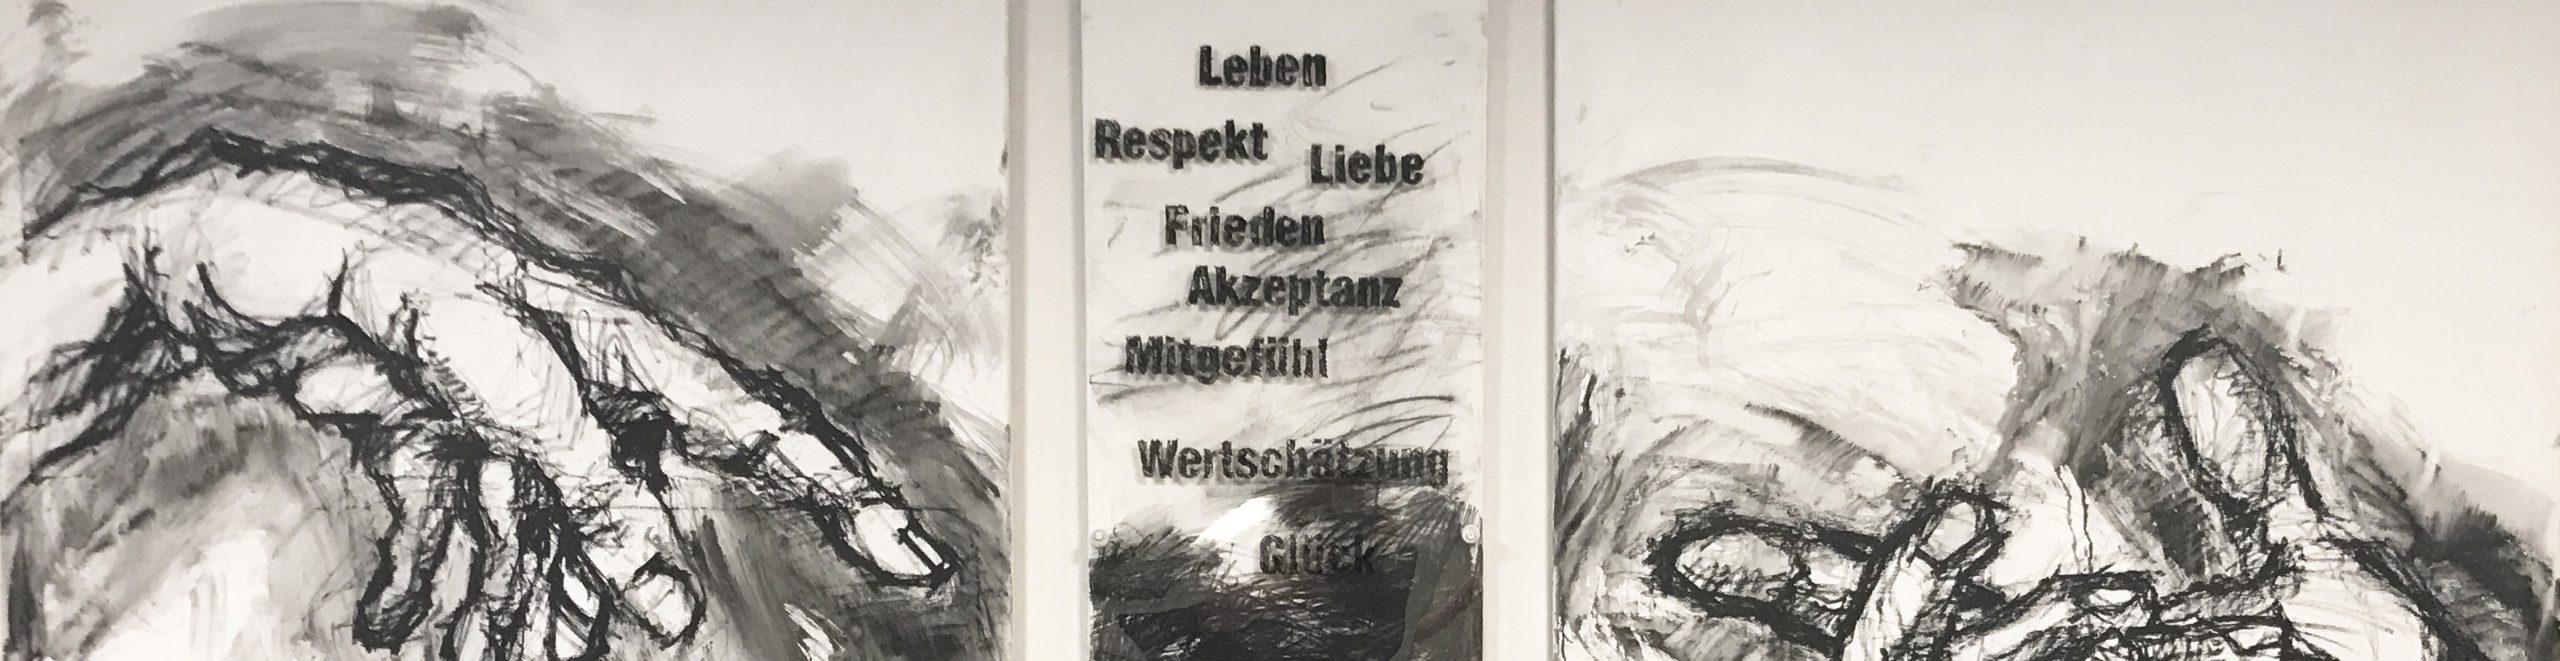 Bild: Karl-Heinz Behncke, Foto: Irm Wundenberg